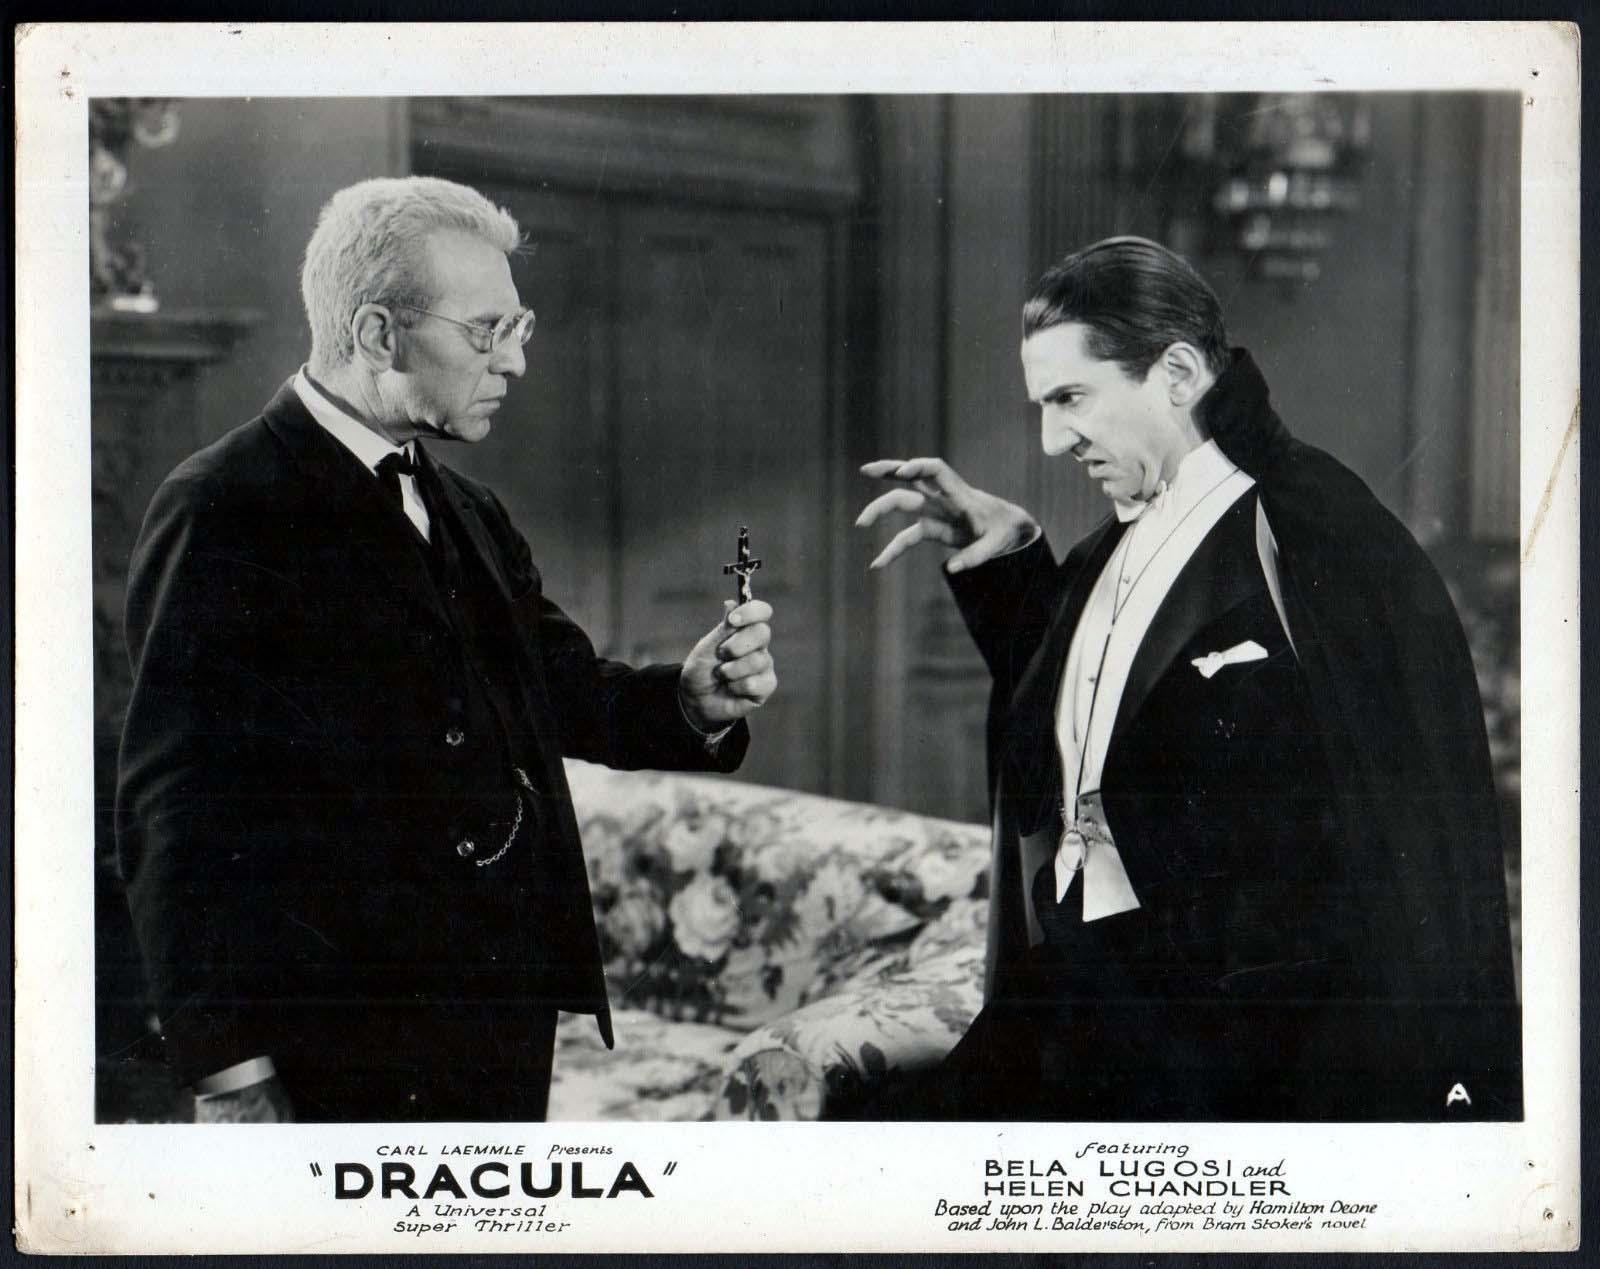 File:Dracula1931BelaLugosi jpg - Wikimedia Commons